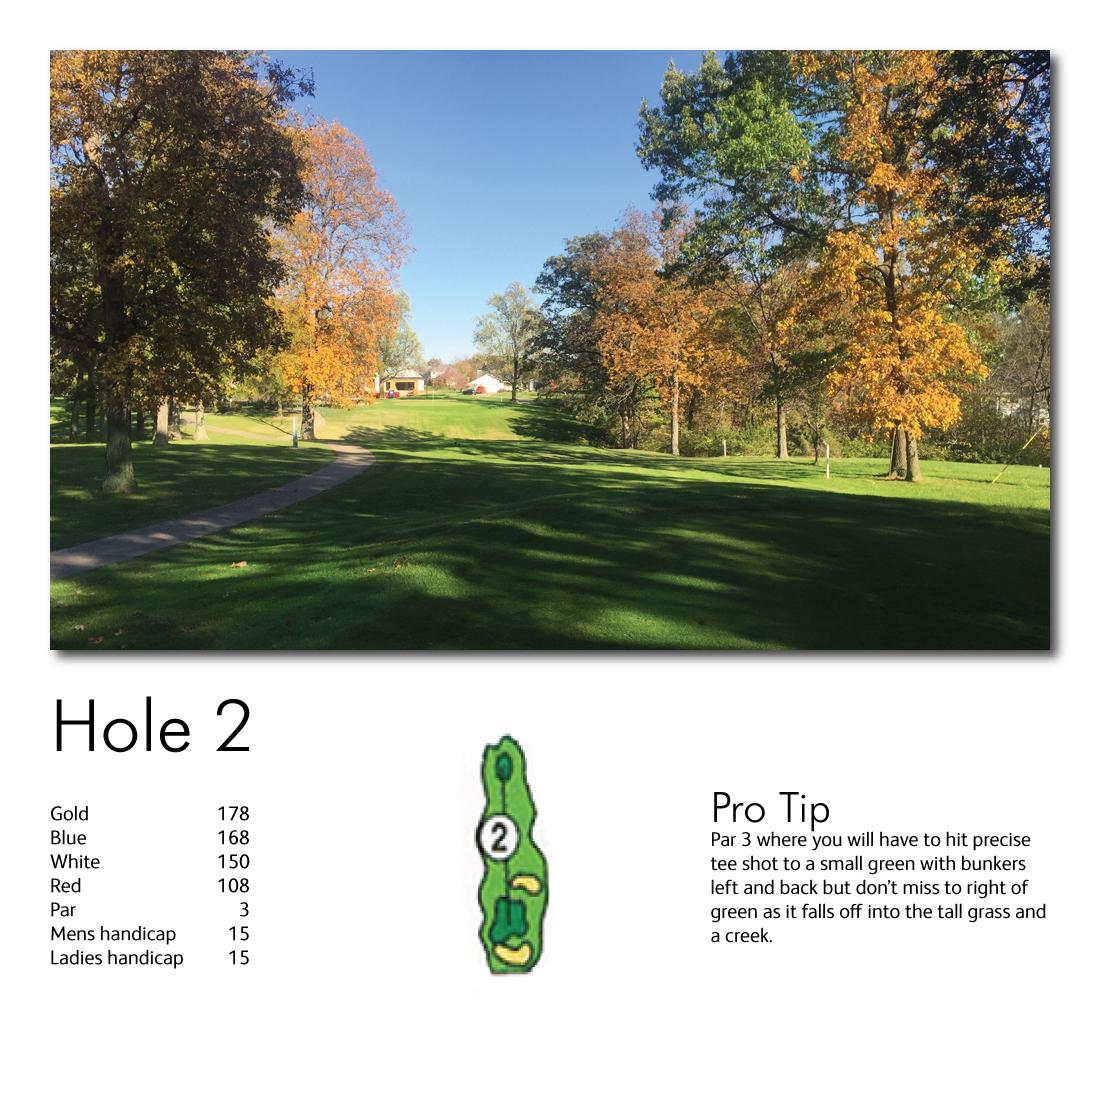 Hole-2-web-image.jpg